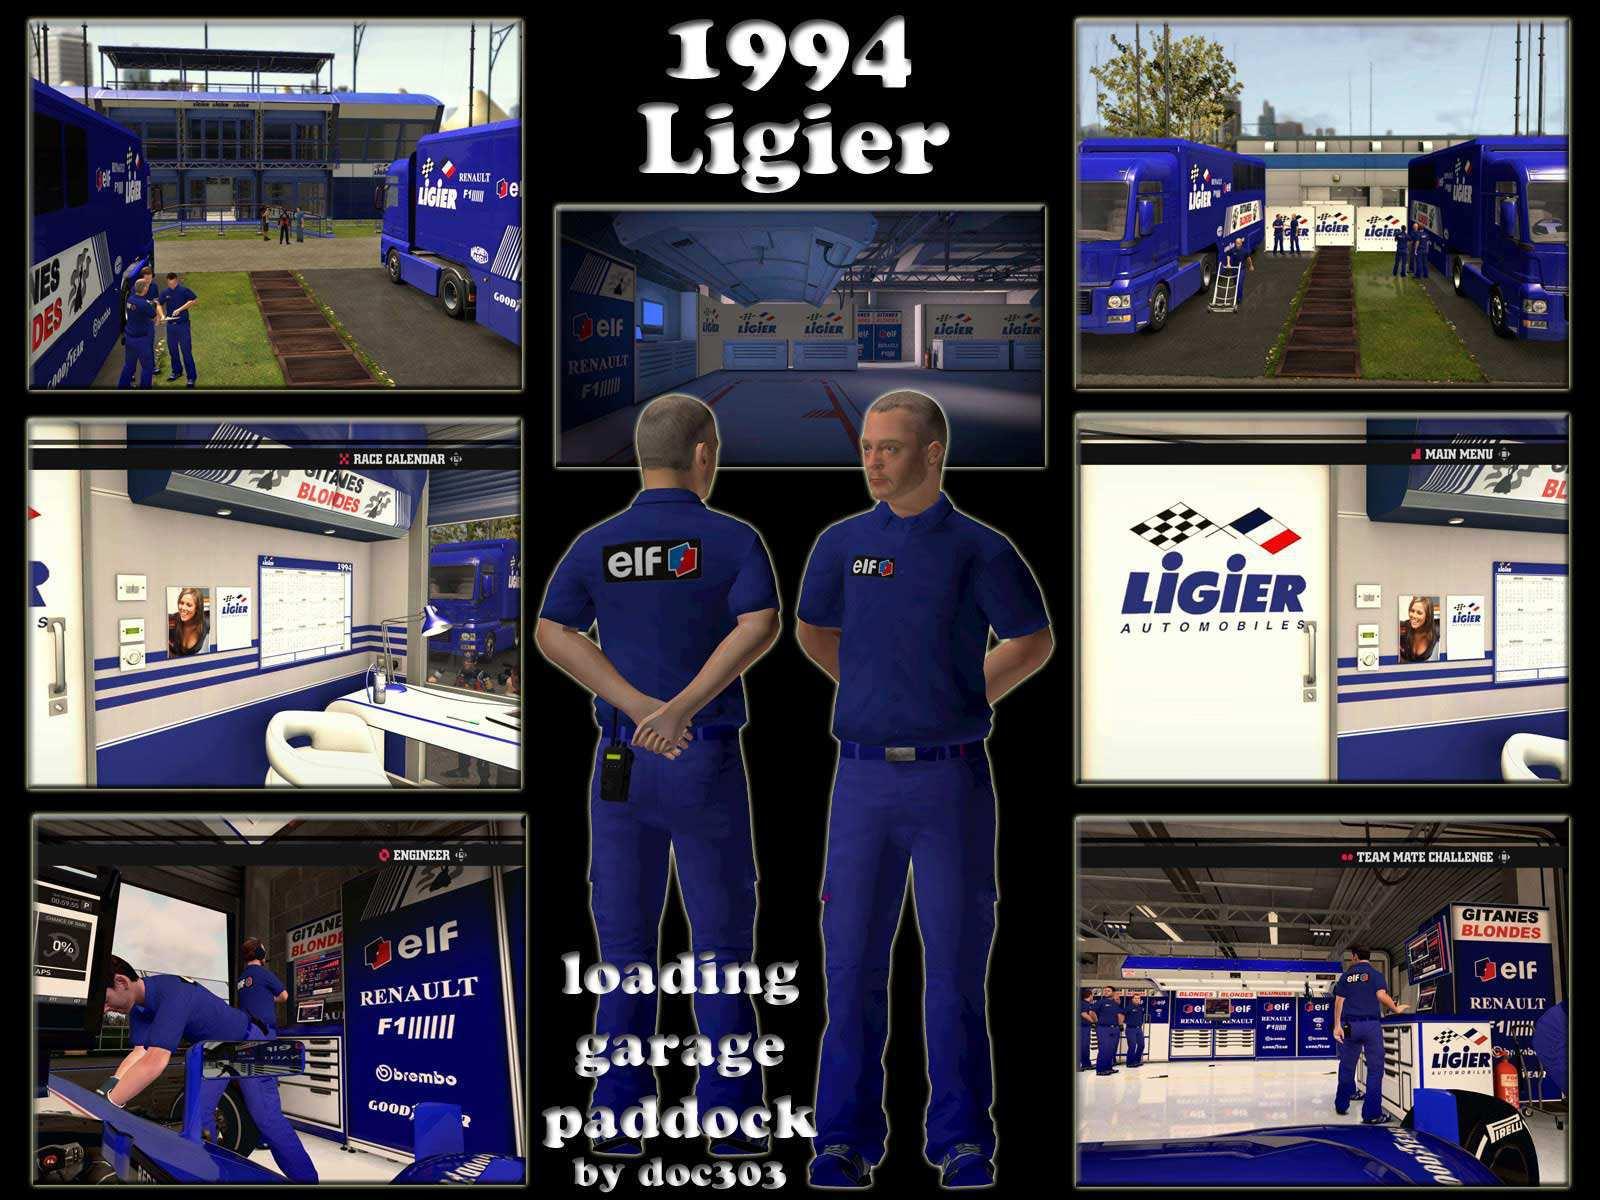 94-Ligier-Info-S.jpg